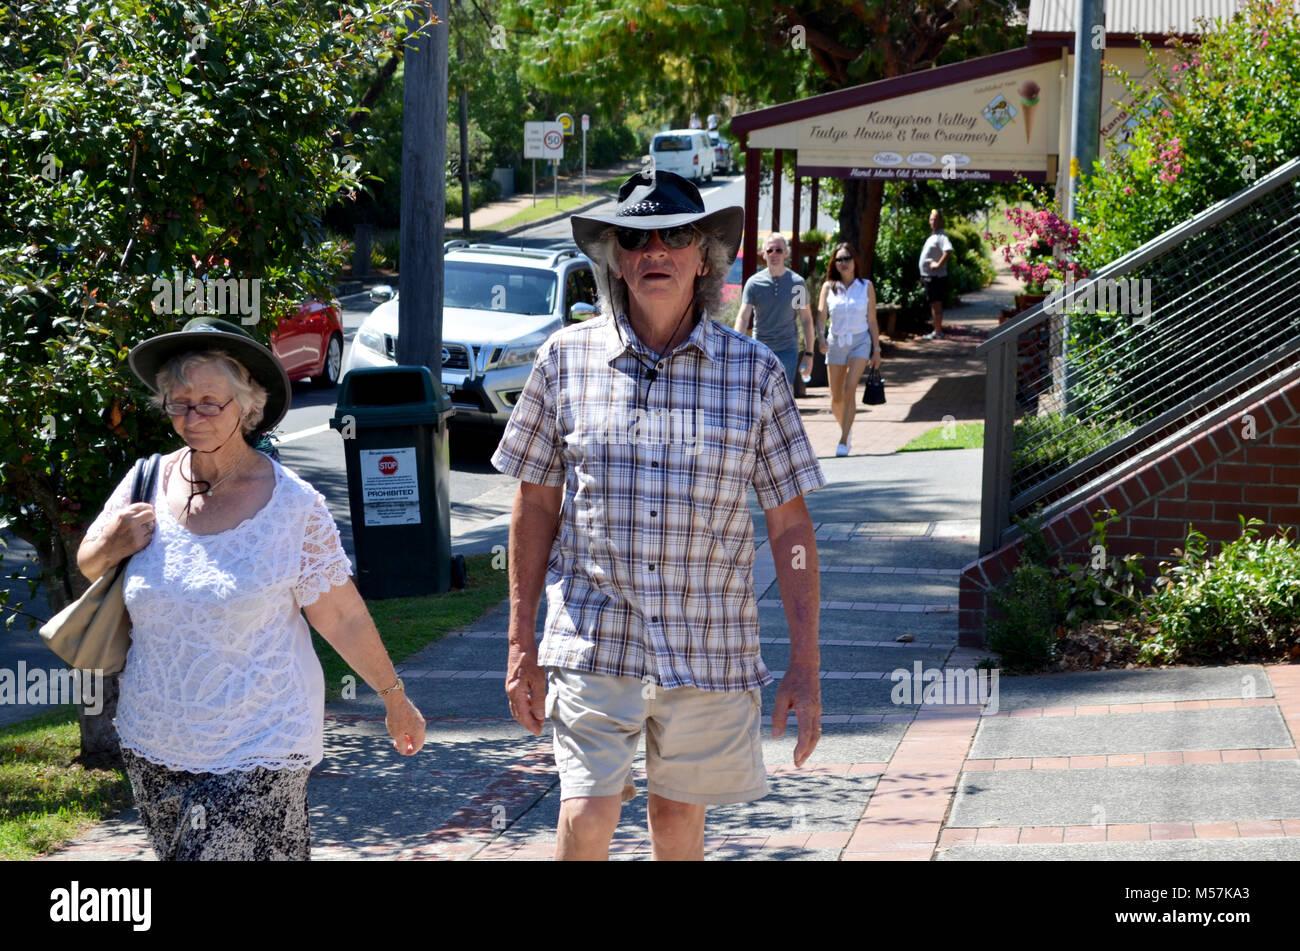 Coppia di anziani di indossare cappelli a piedi nella strada di Kangaroo Valley NSW Australia Immagini Stock